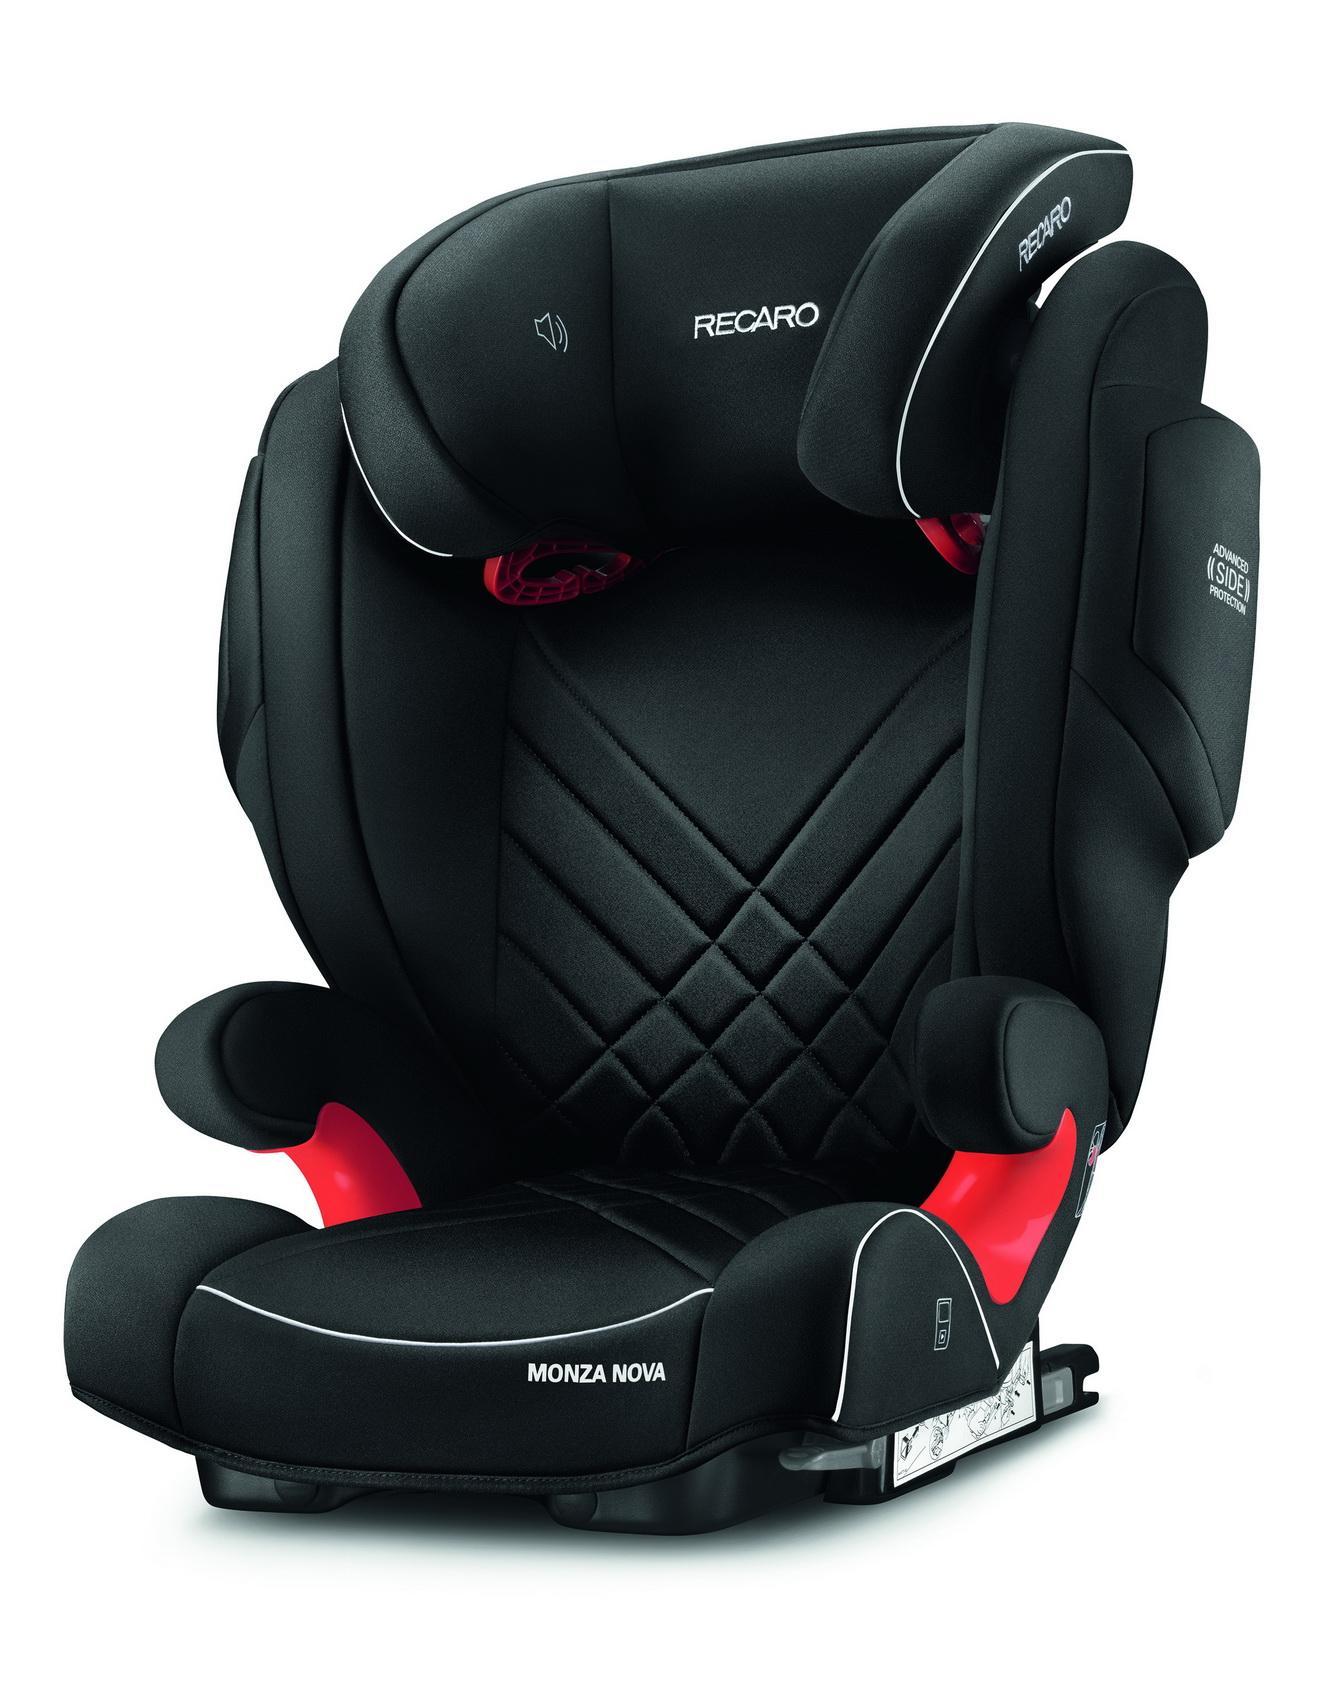 Автокресло Recaro Monza Nova 2 Seatfix Perfomance Black (+ Солнцезащитные шторки в подарок!) автокресло recaro monza nova 2 seatfix prime pale rose антисептик спрей для рук в подарок